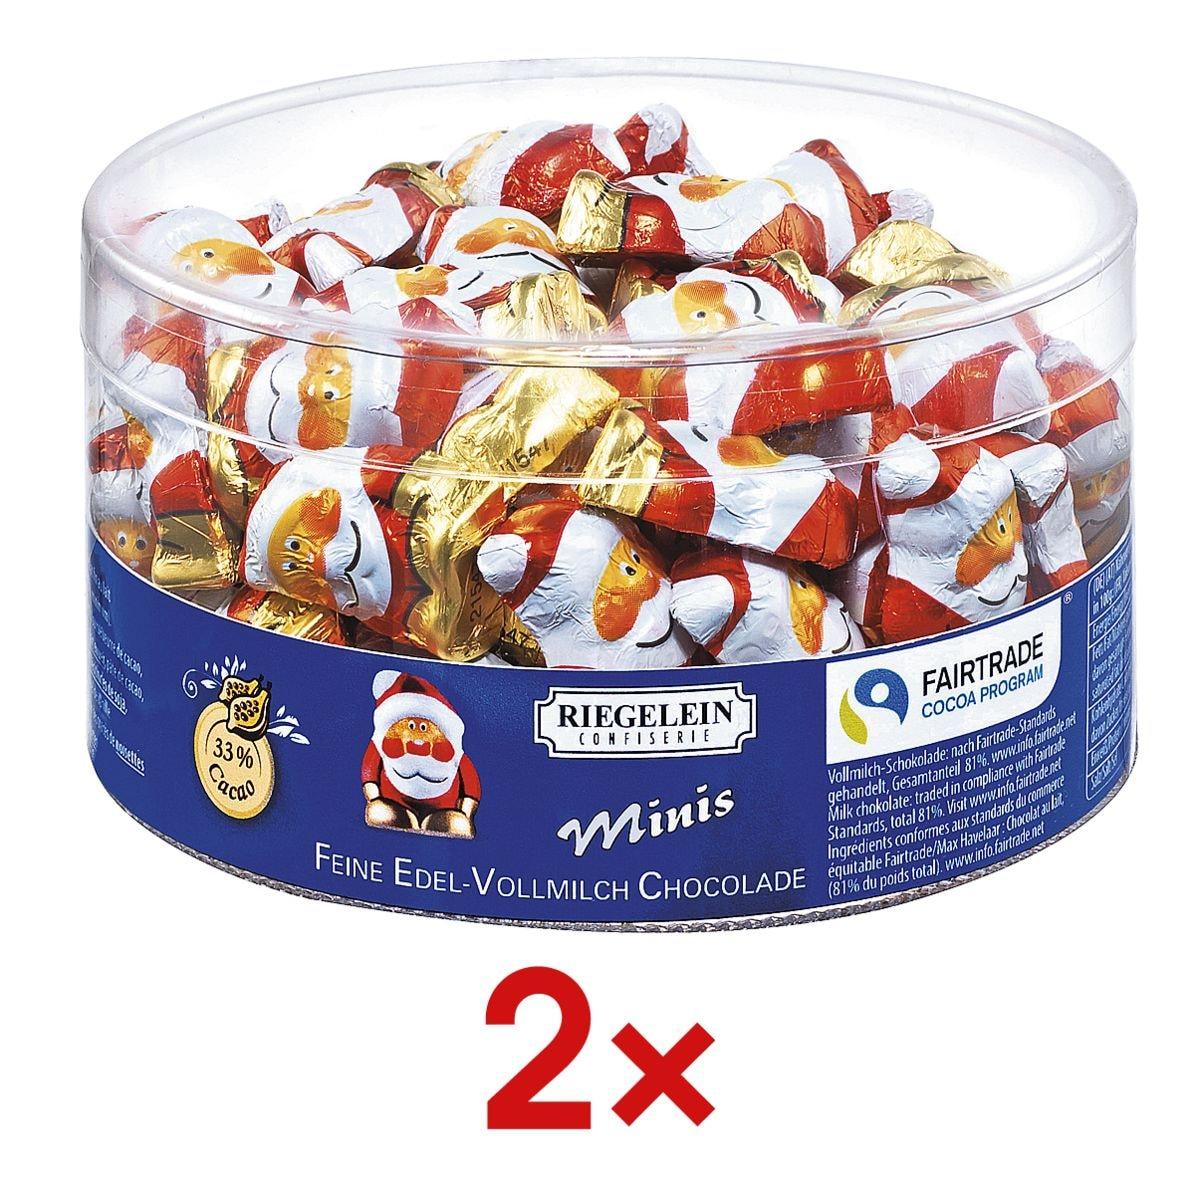 Riegelein Confiserie 2 Packungen Schokoladen-Weihnachtswichtel